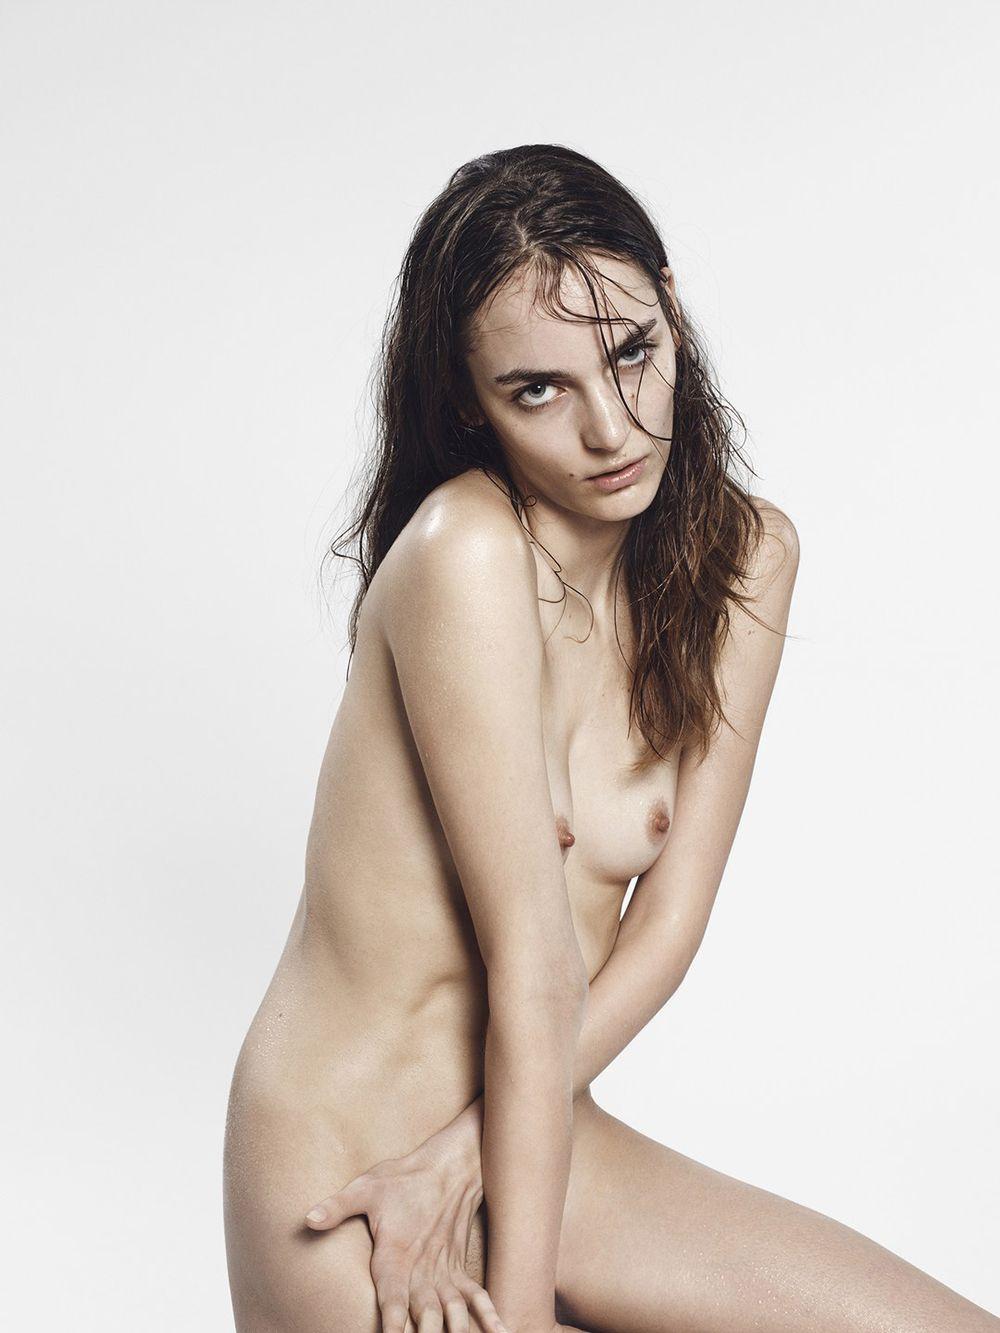 Zuzanna Bijoch Naked Phot...